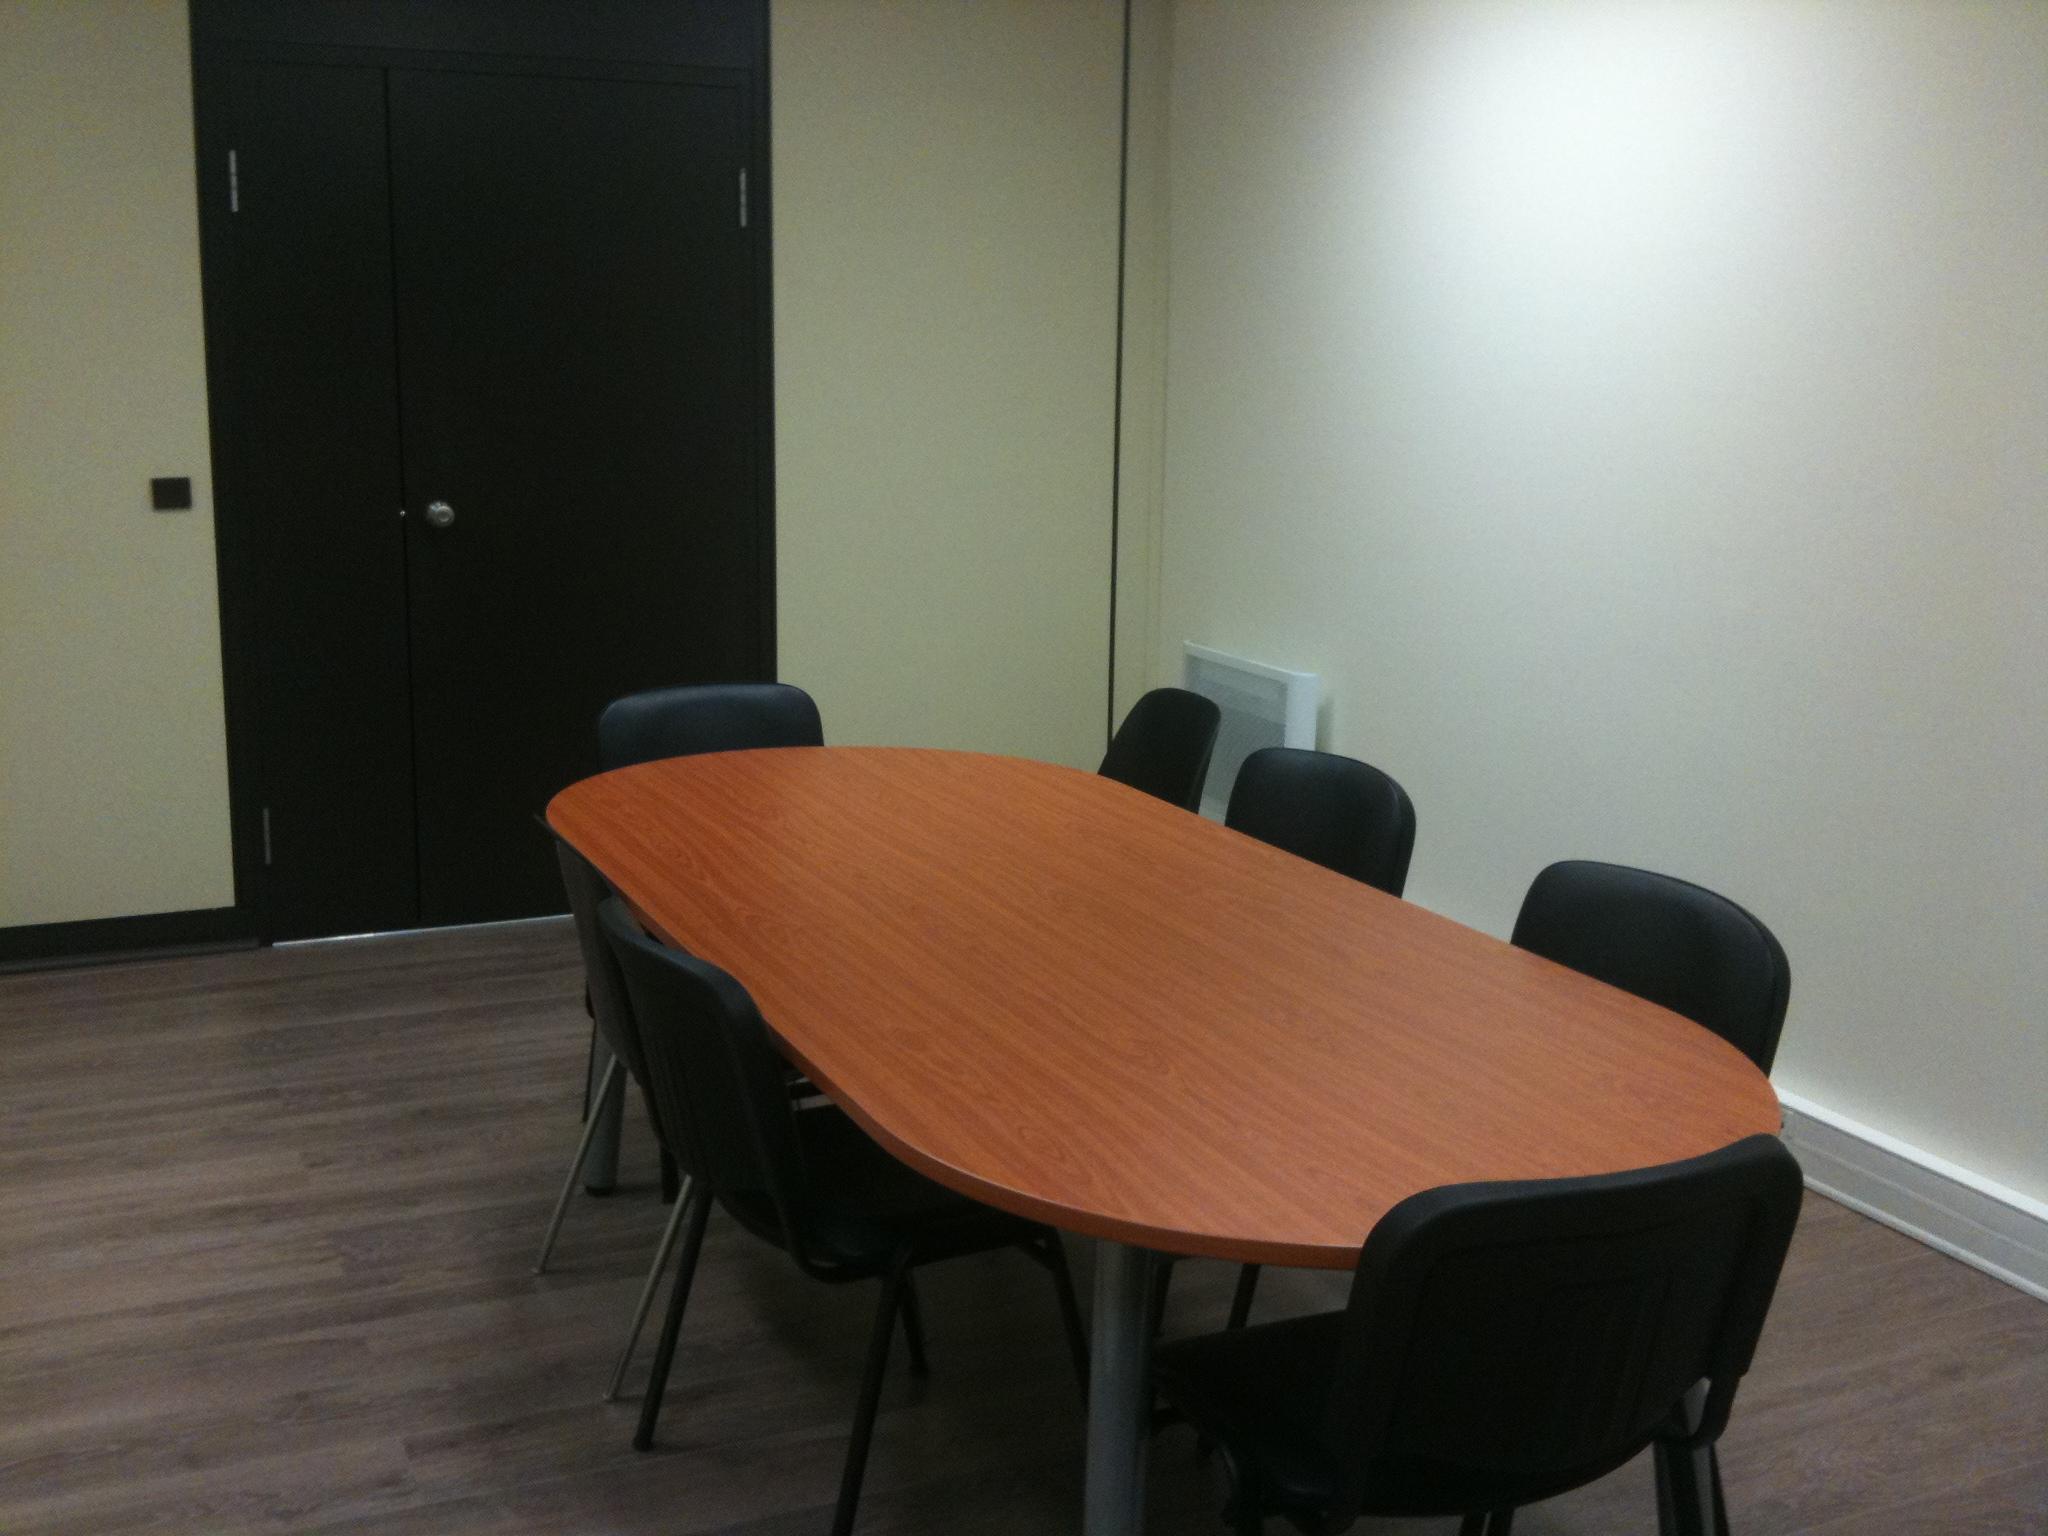 Location d 39 une salle de r union et formation cergy for Piscine cergy prefecture